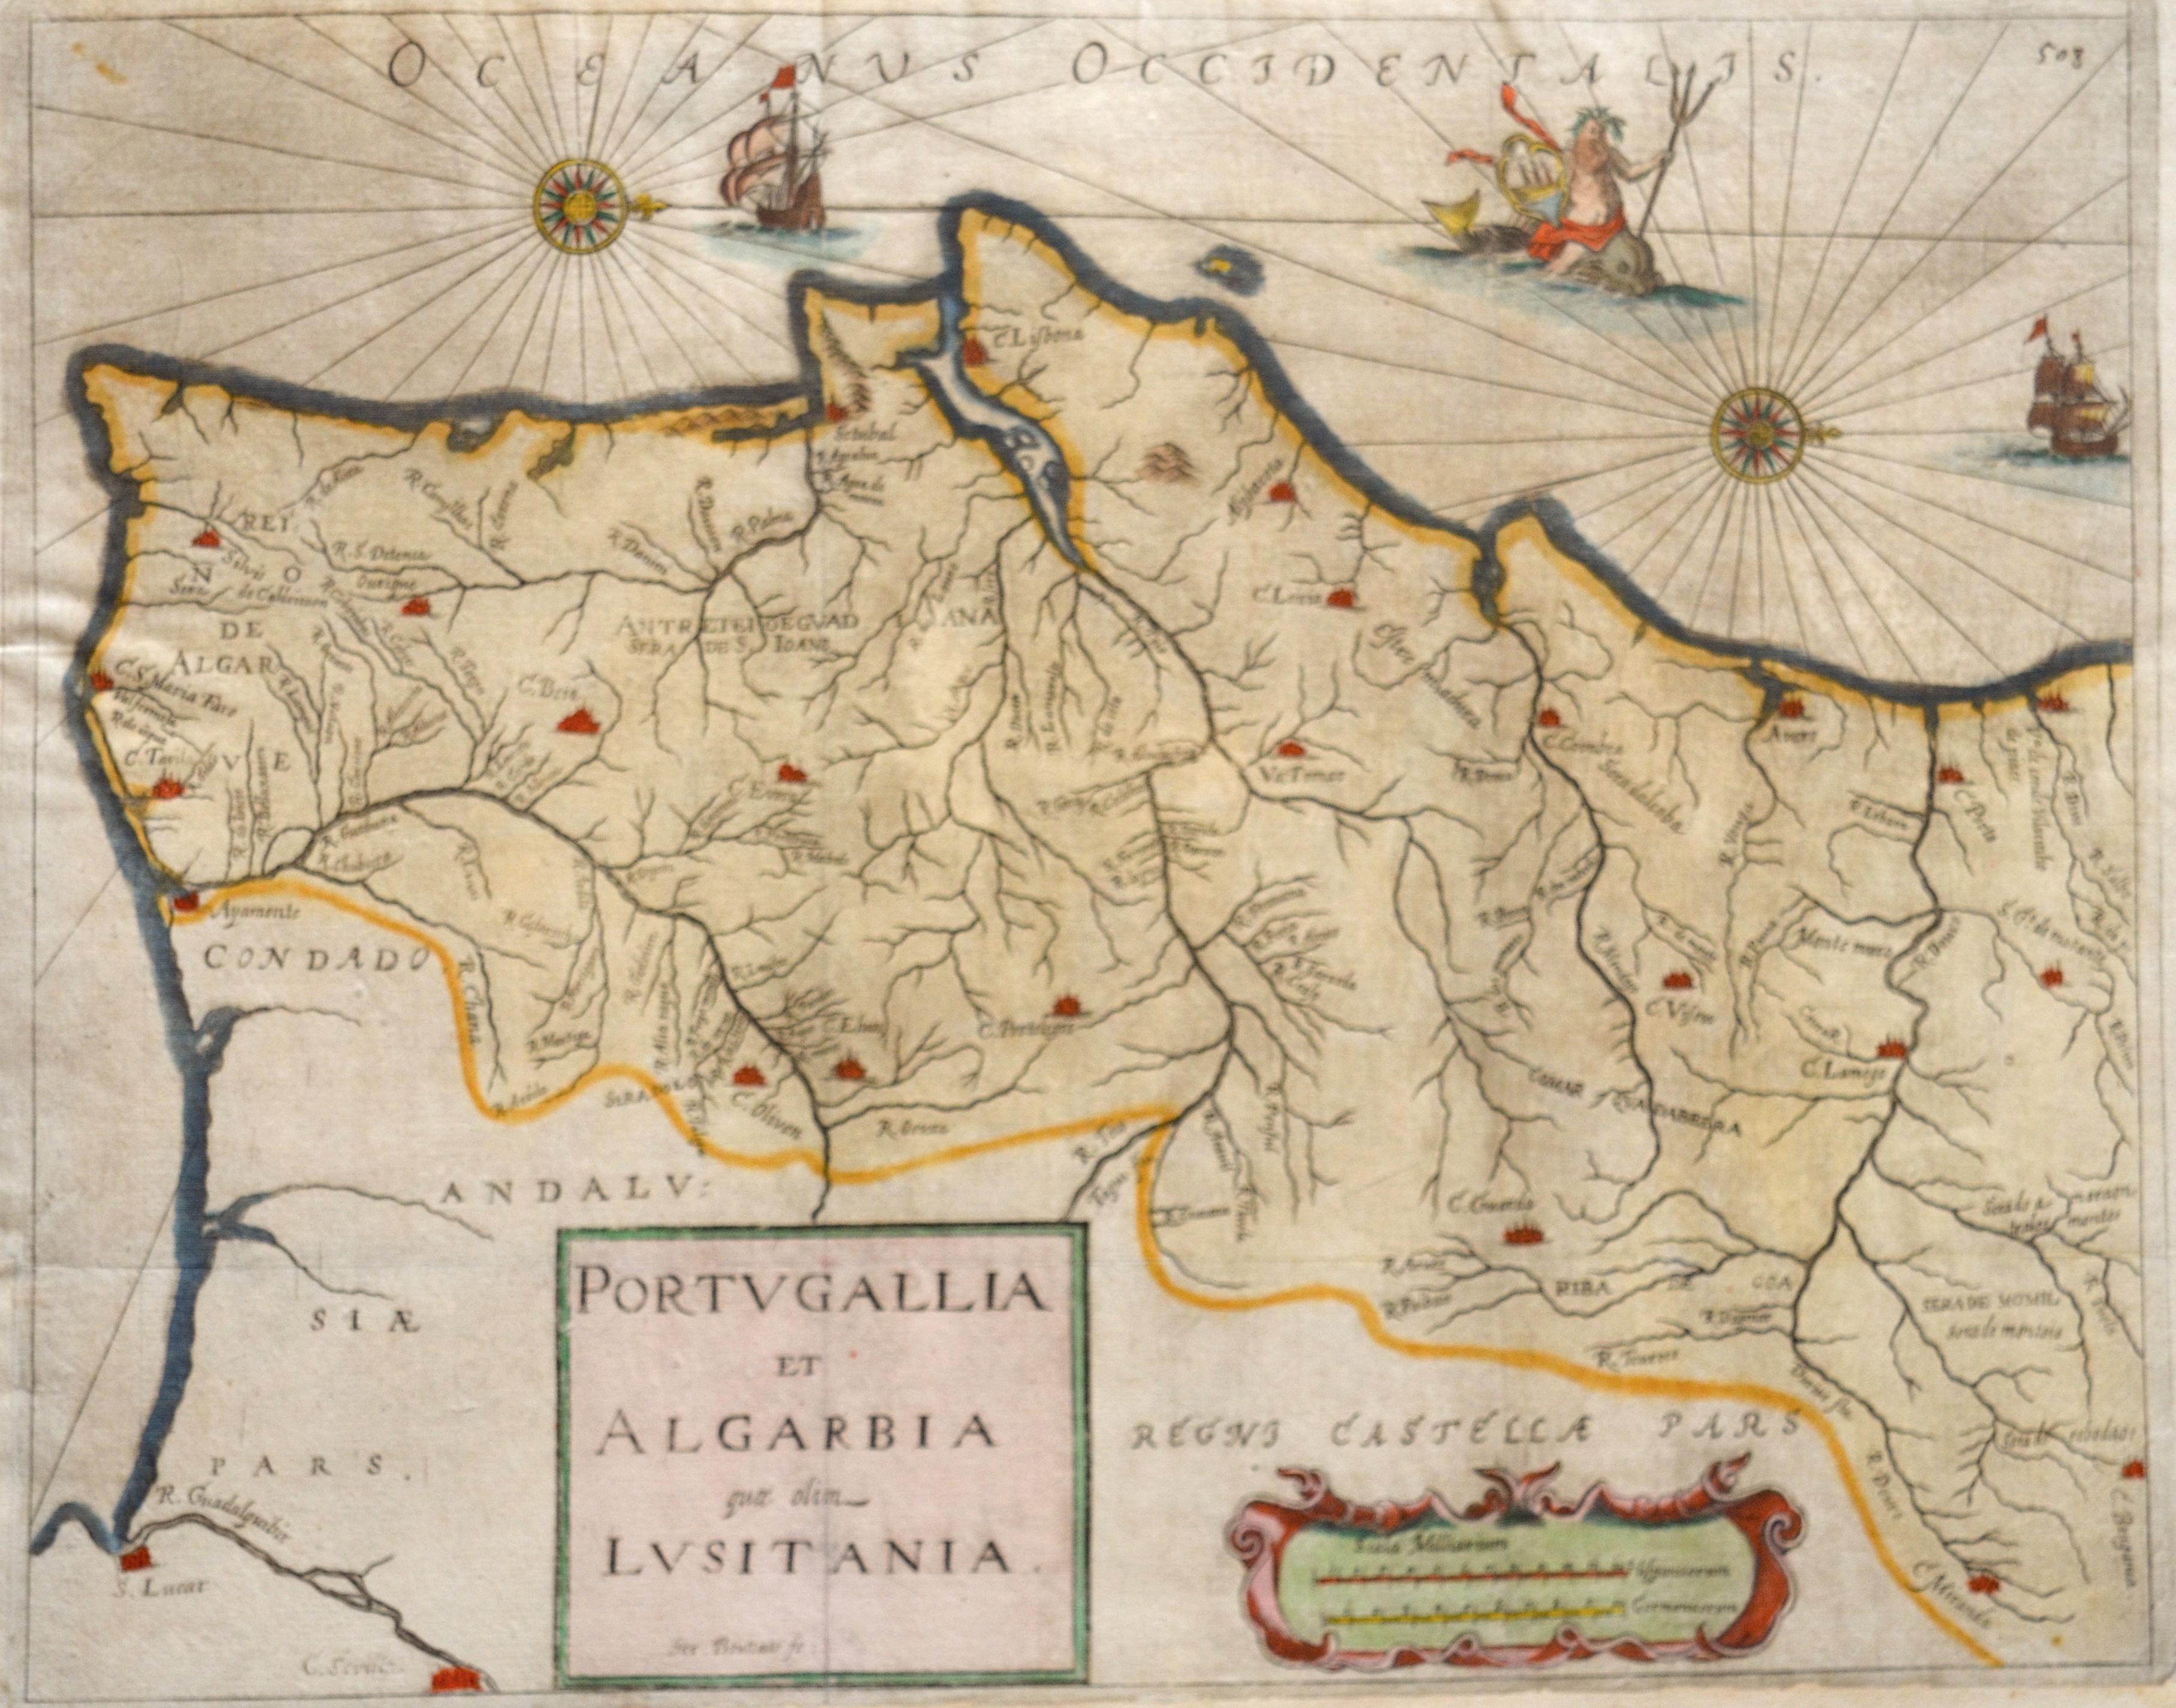 Bouttats  Portugallia et Algarbia quae olim Lusitania.